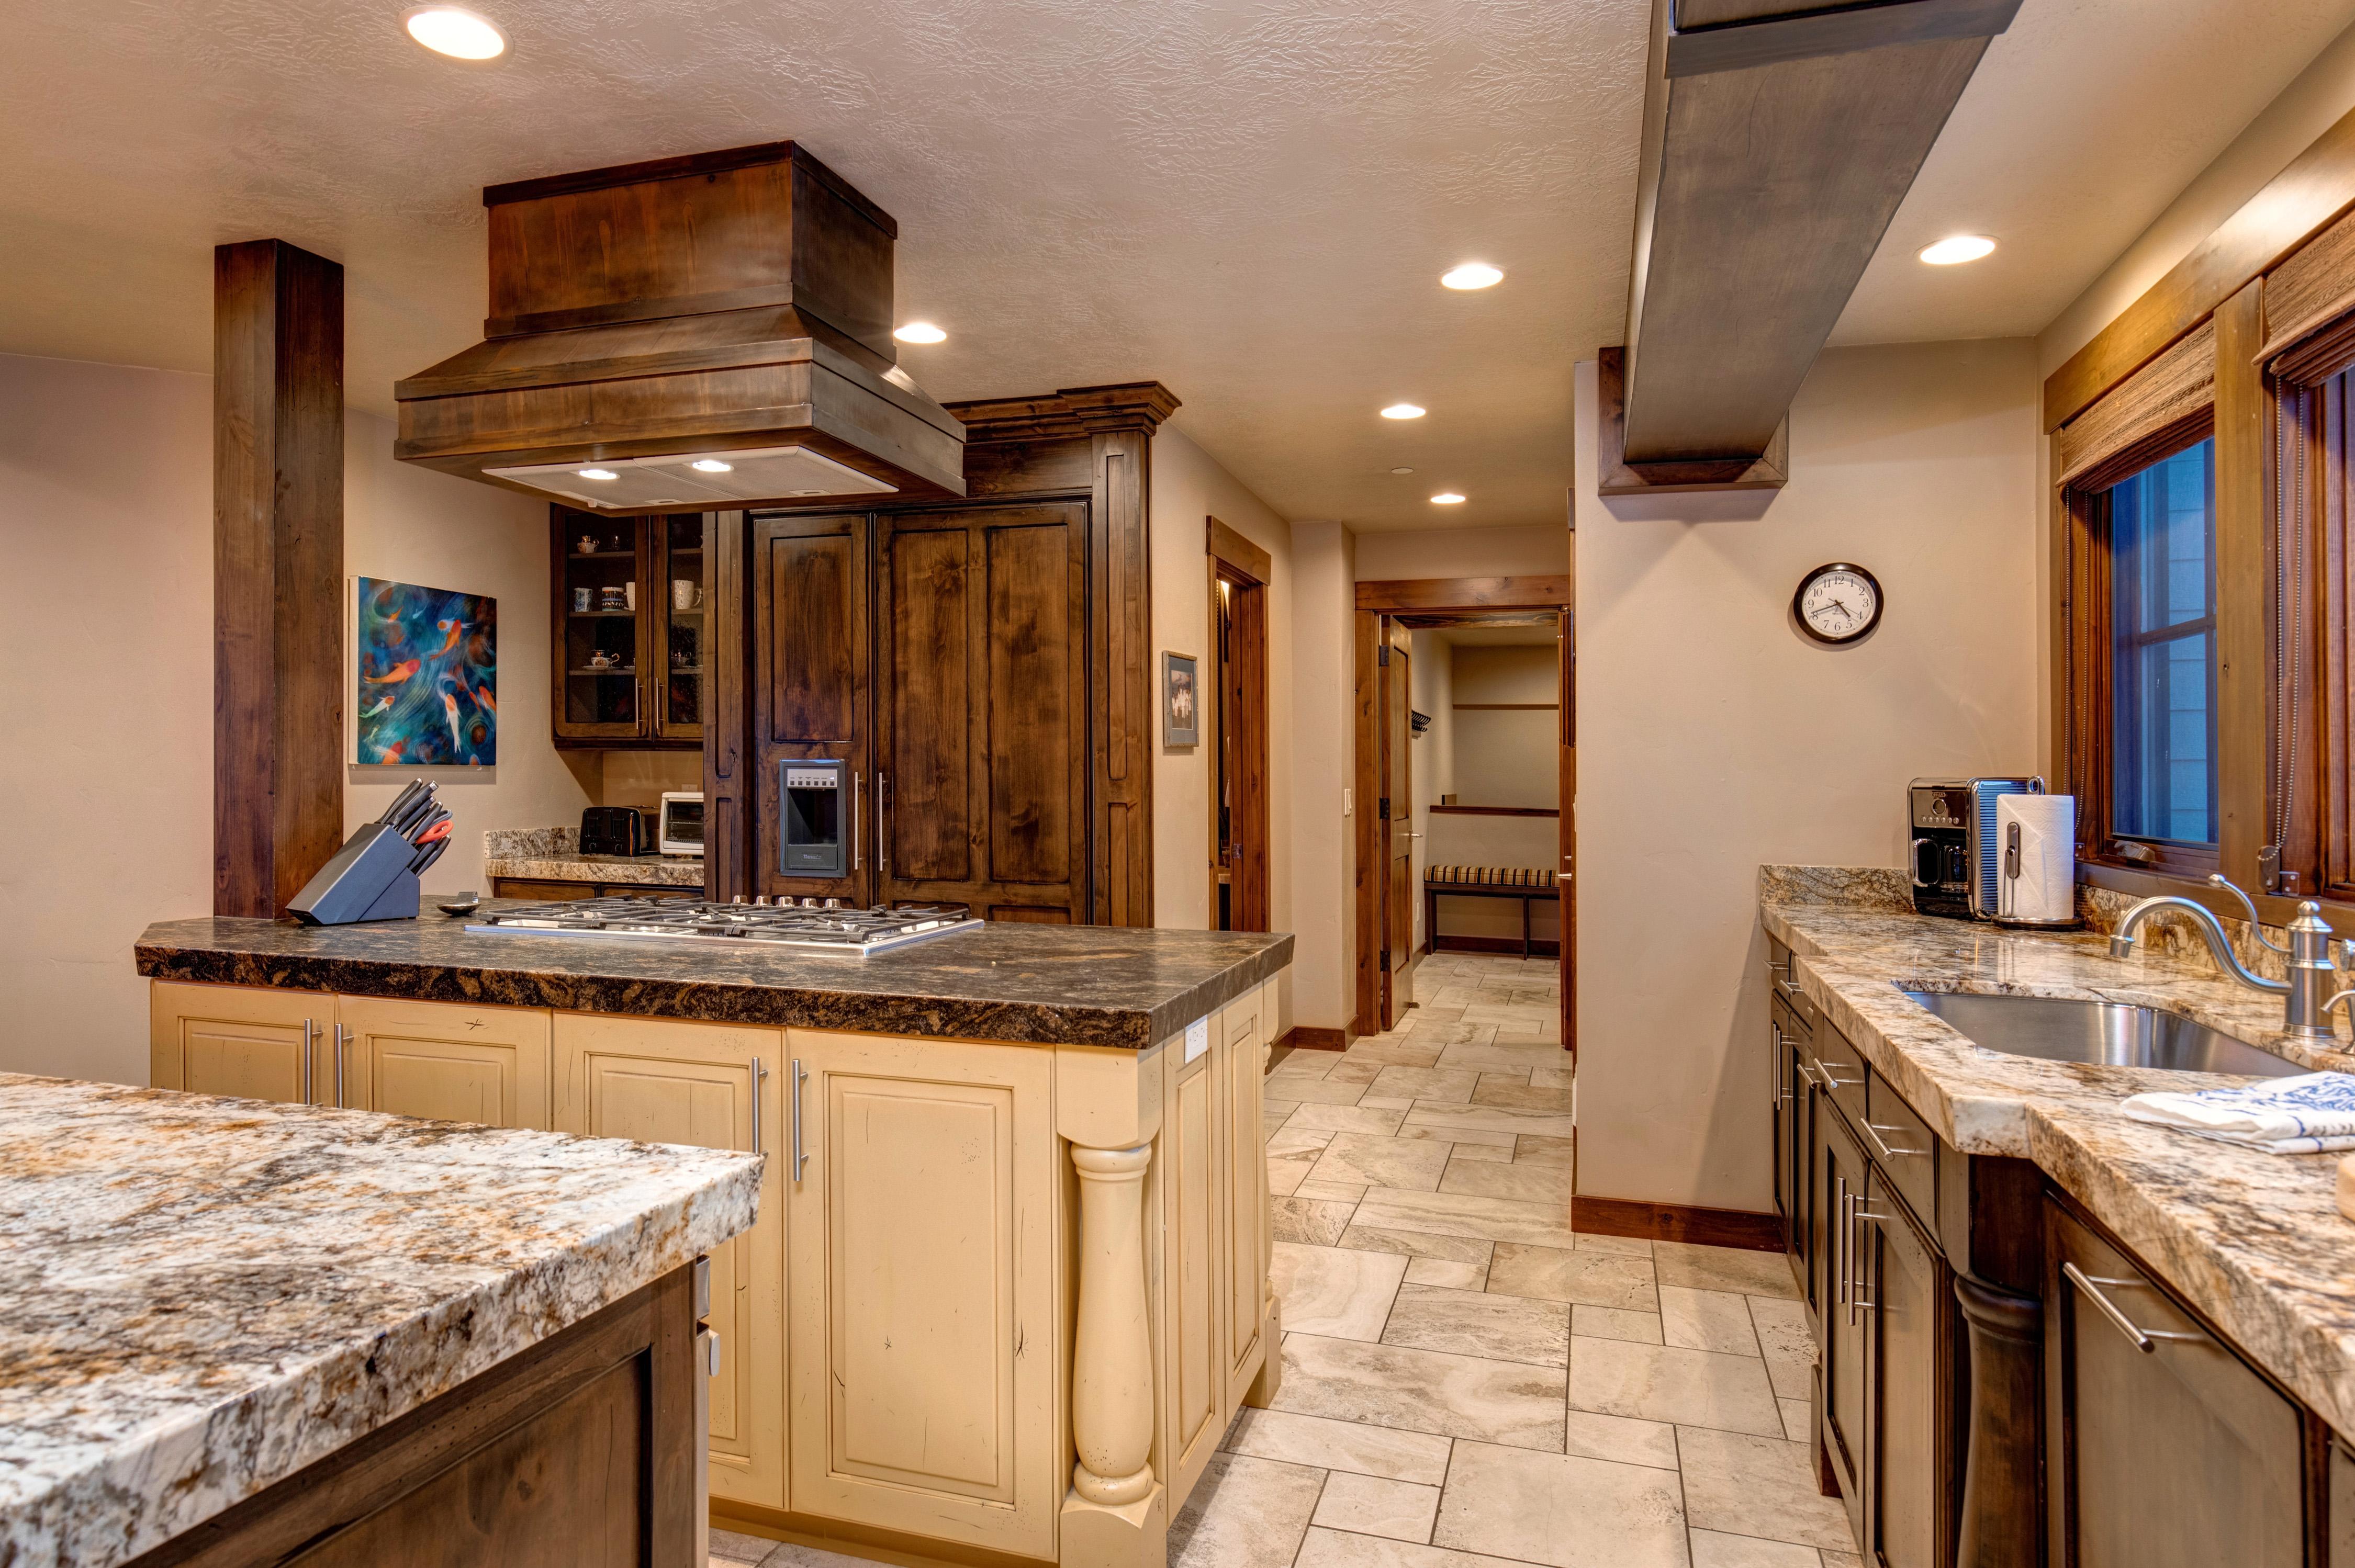 Abode Luxury Rentals Atop Park City Interior Kitchen 2 Abode